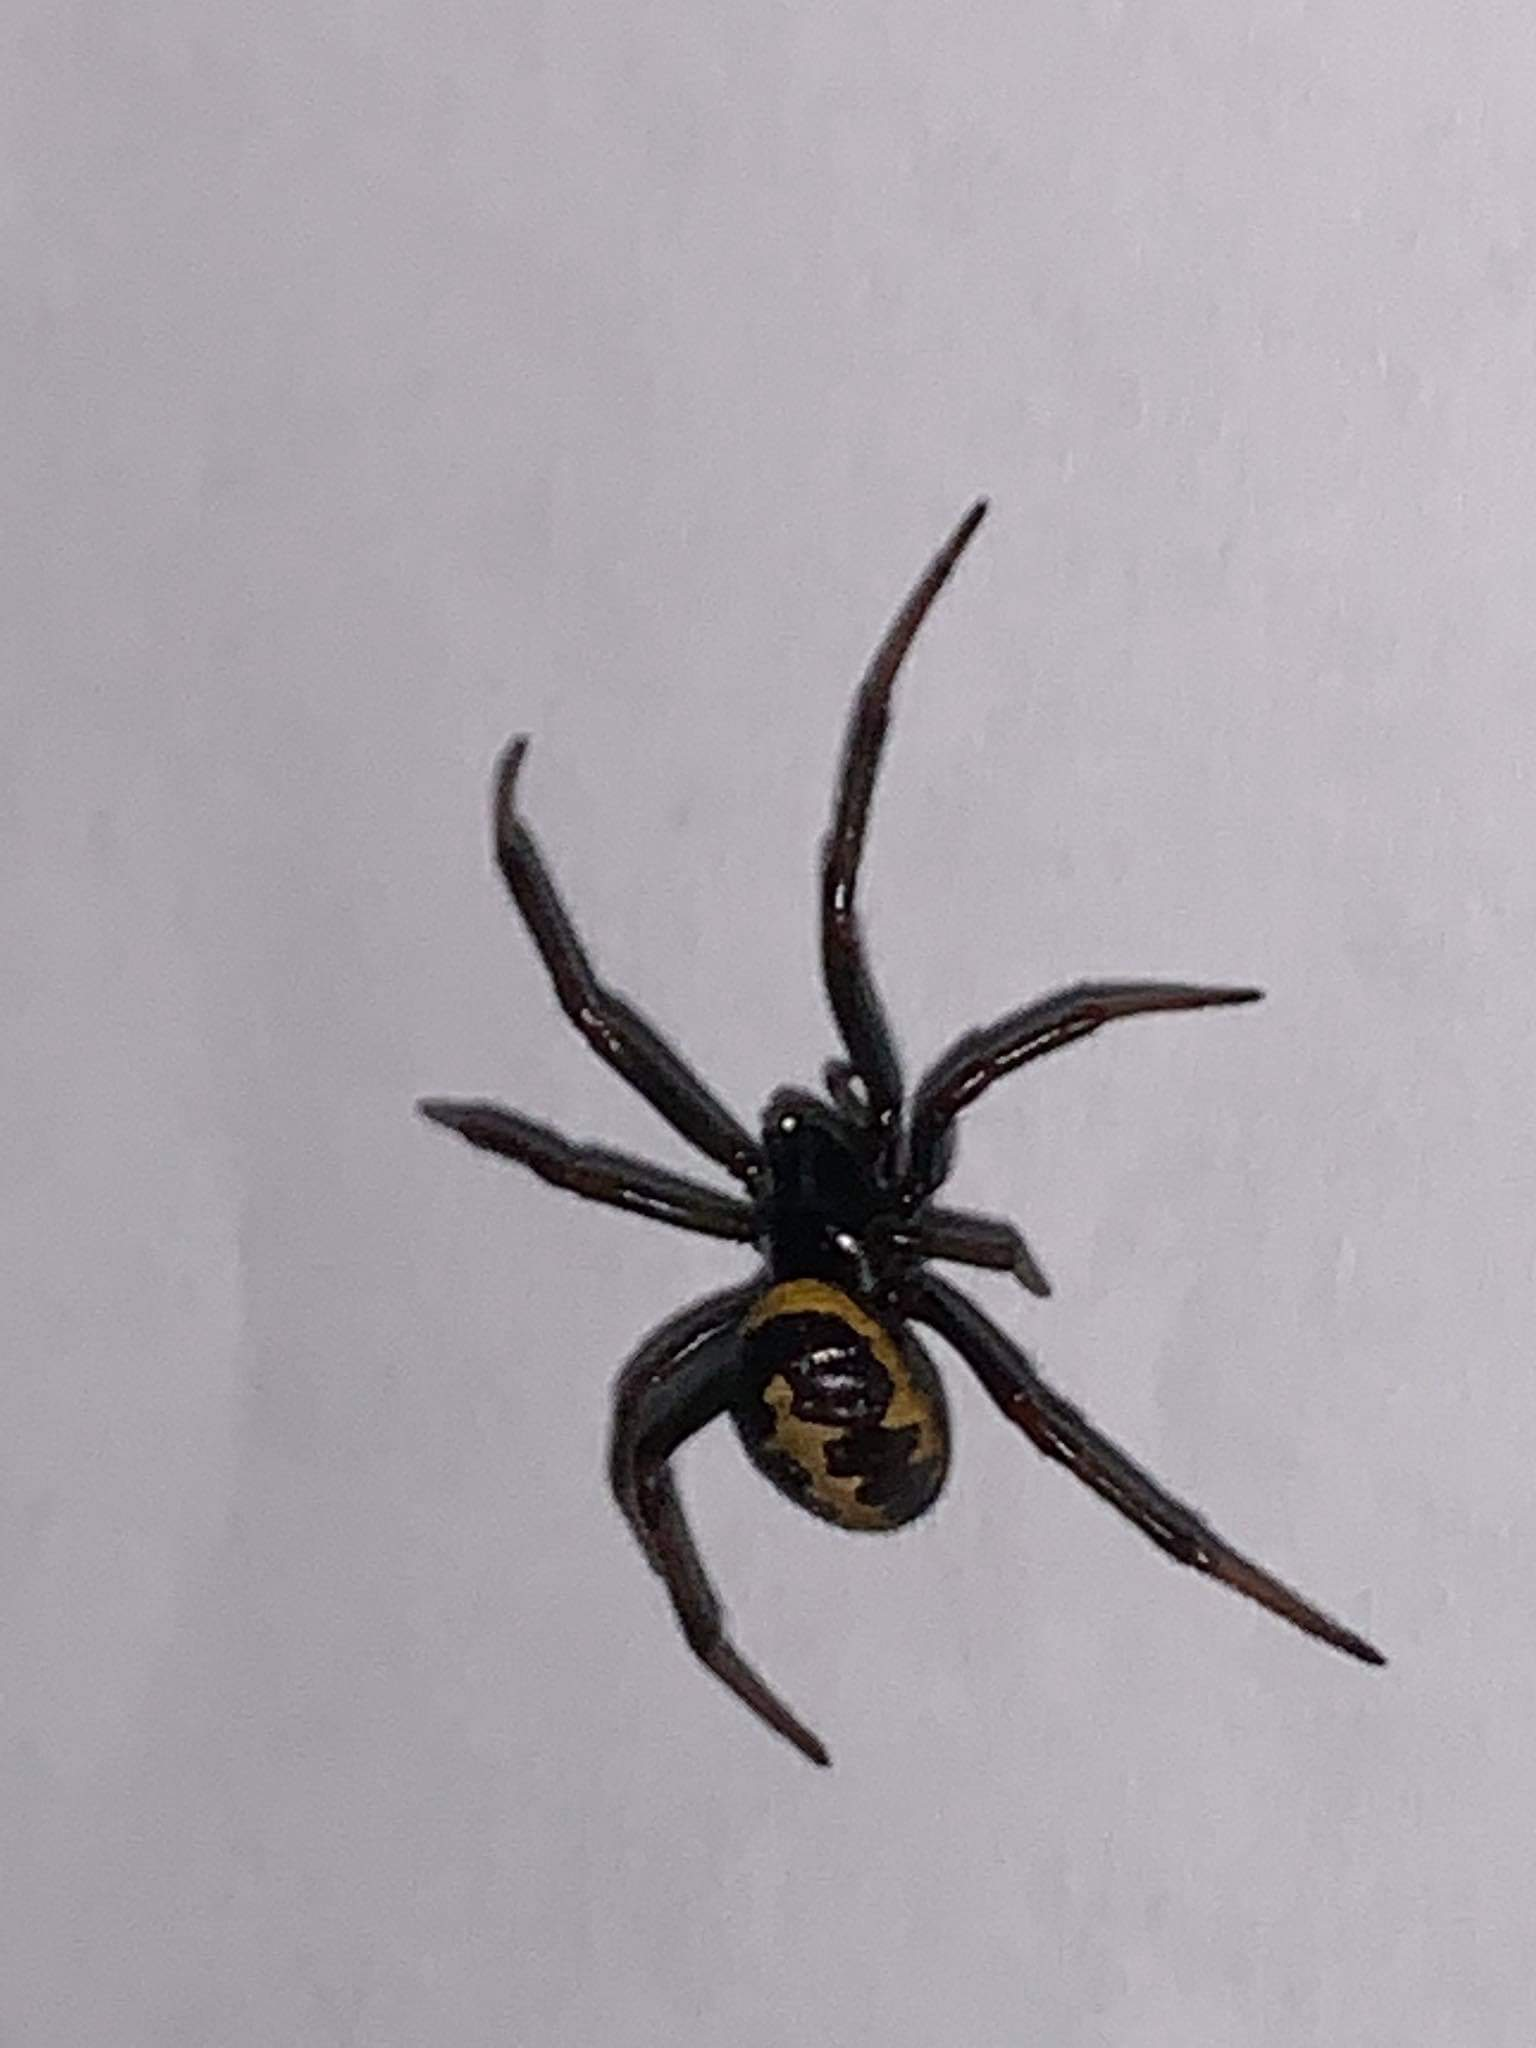 Picture of Steatoda paykulliana - Dorsal